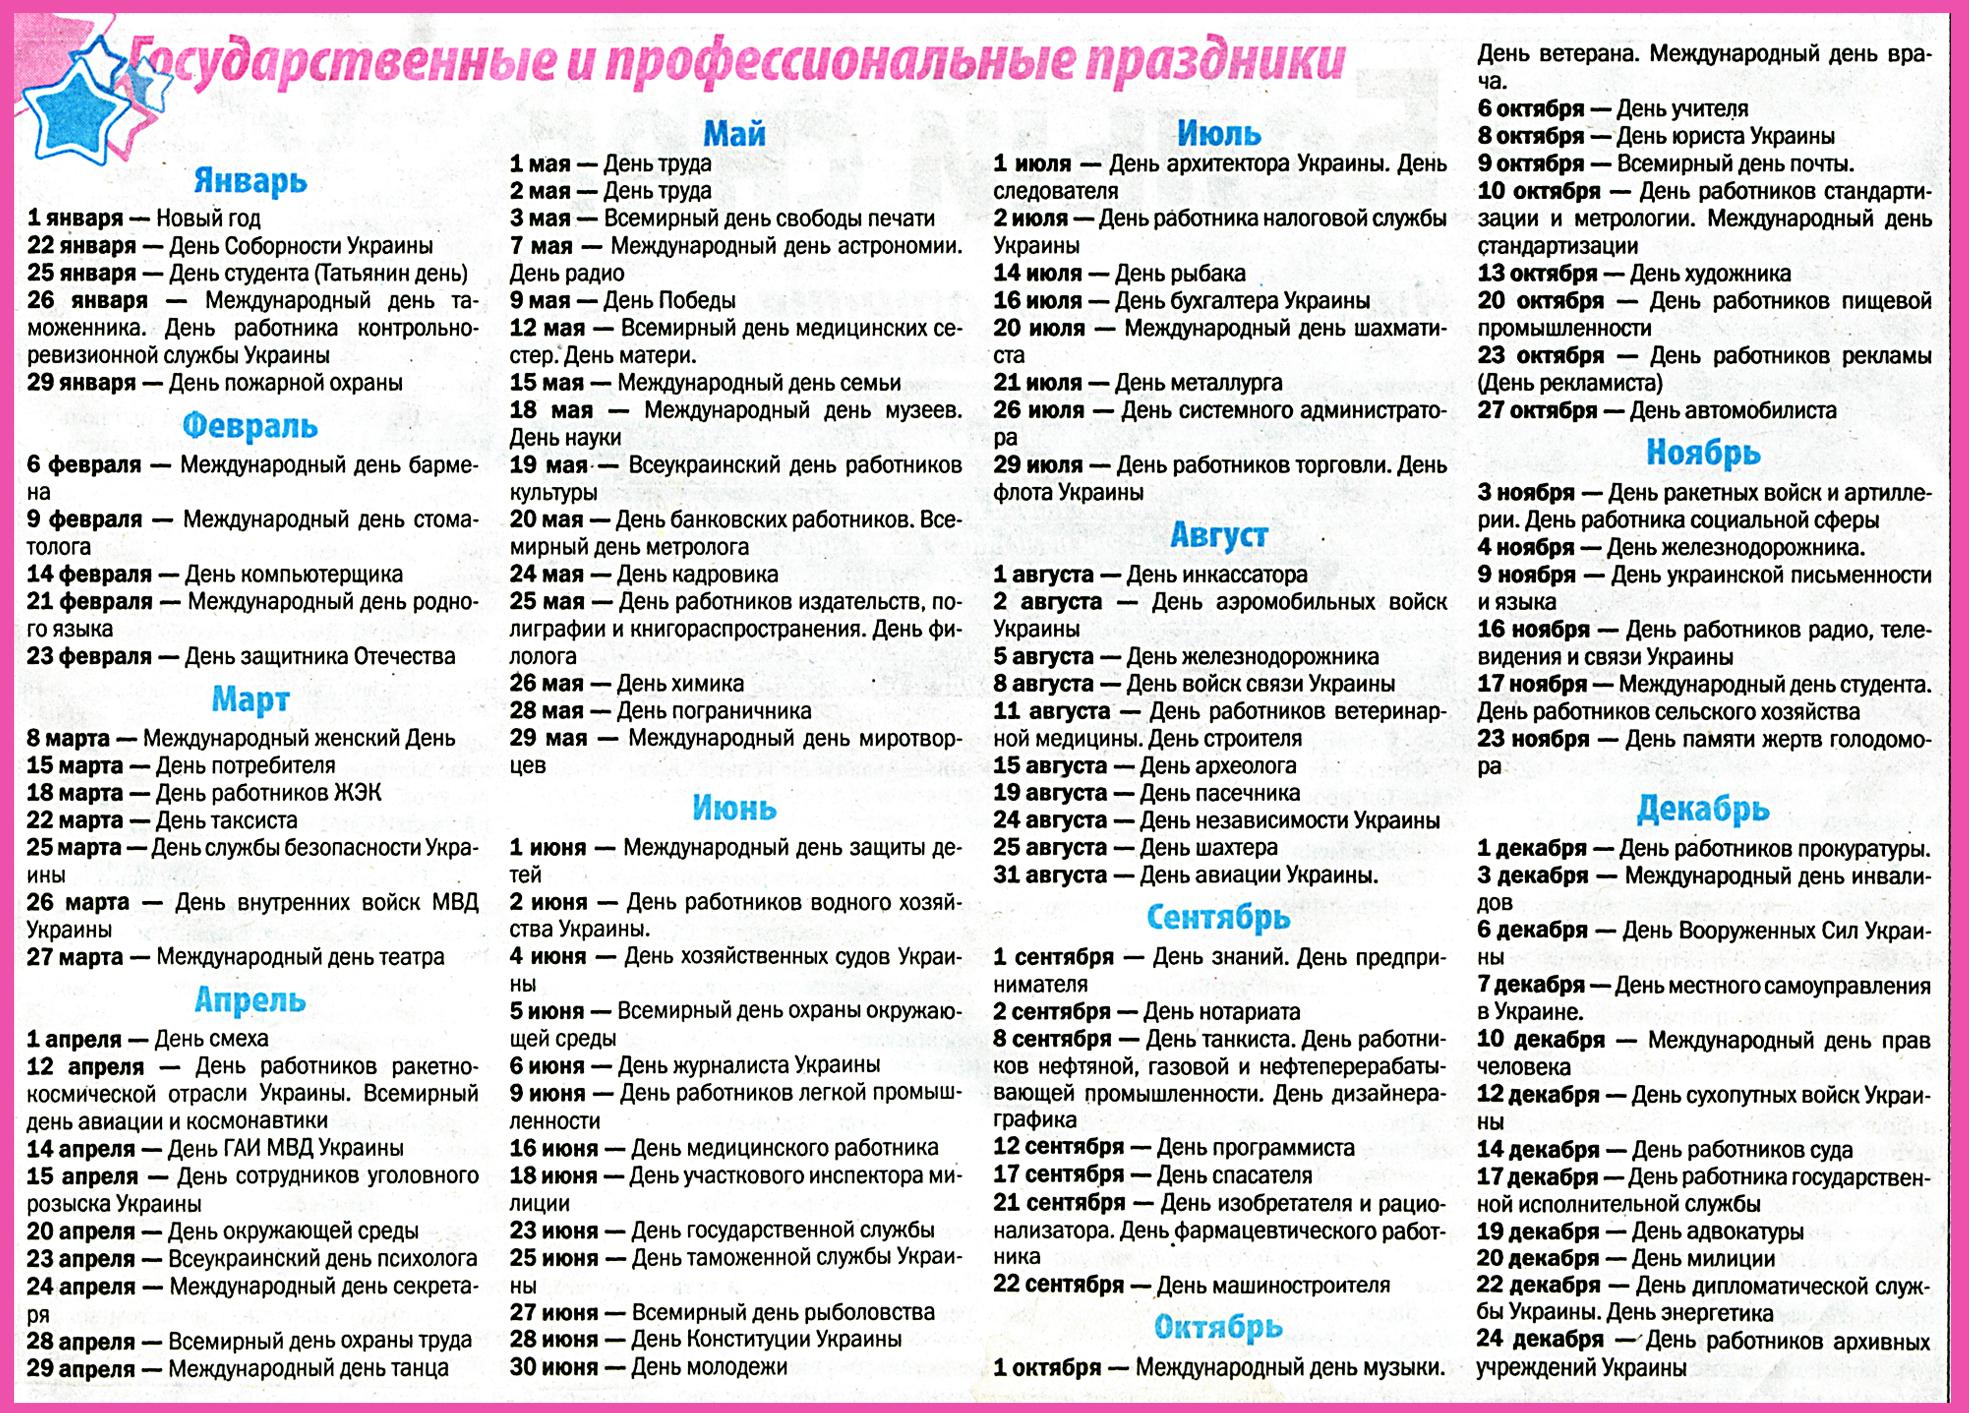 Профессиональные праздники россии и в россии